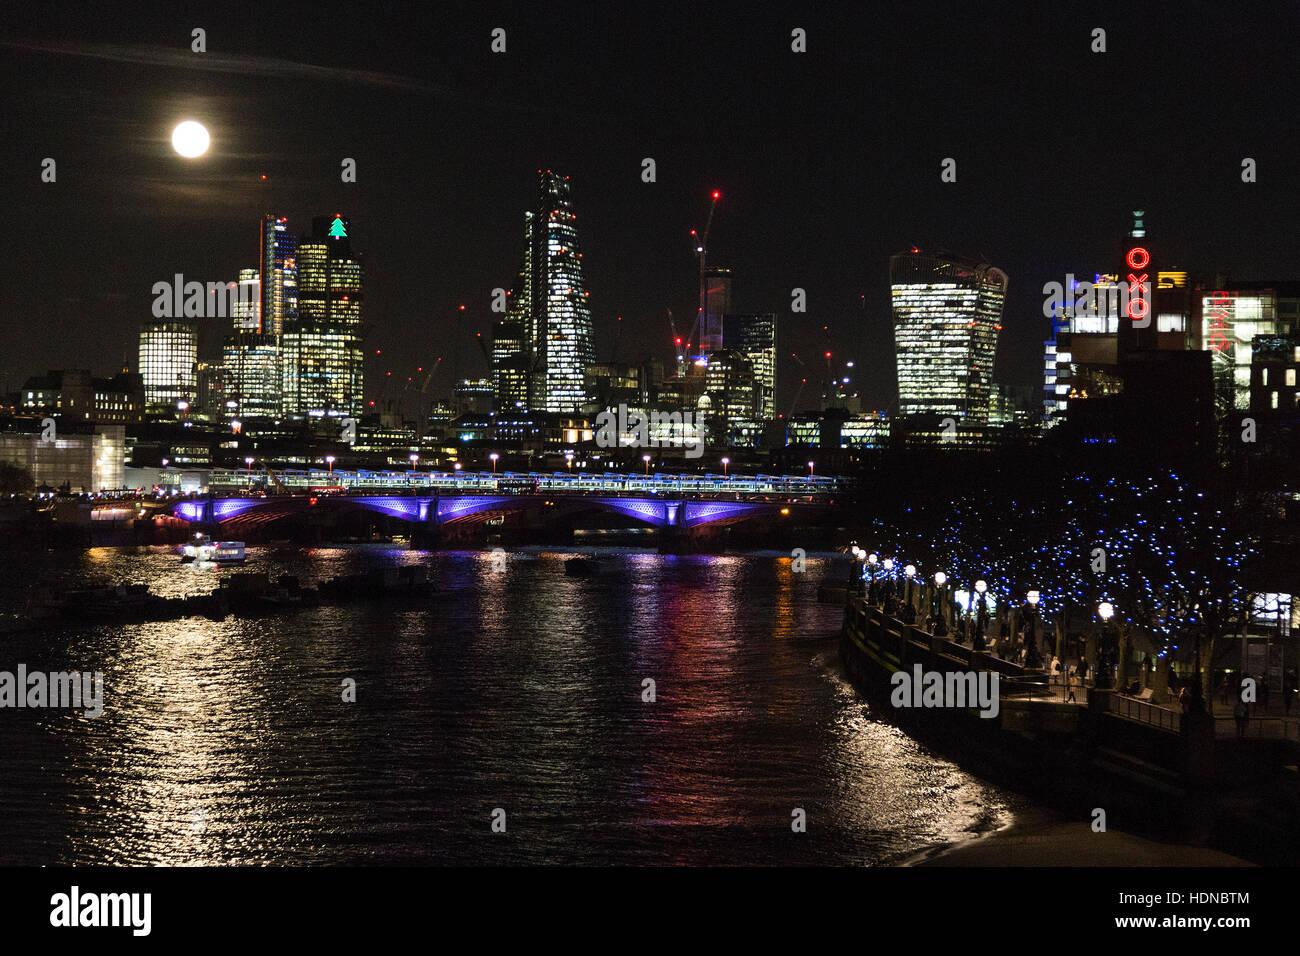 london-uk-14-december-2016-the-full-moon